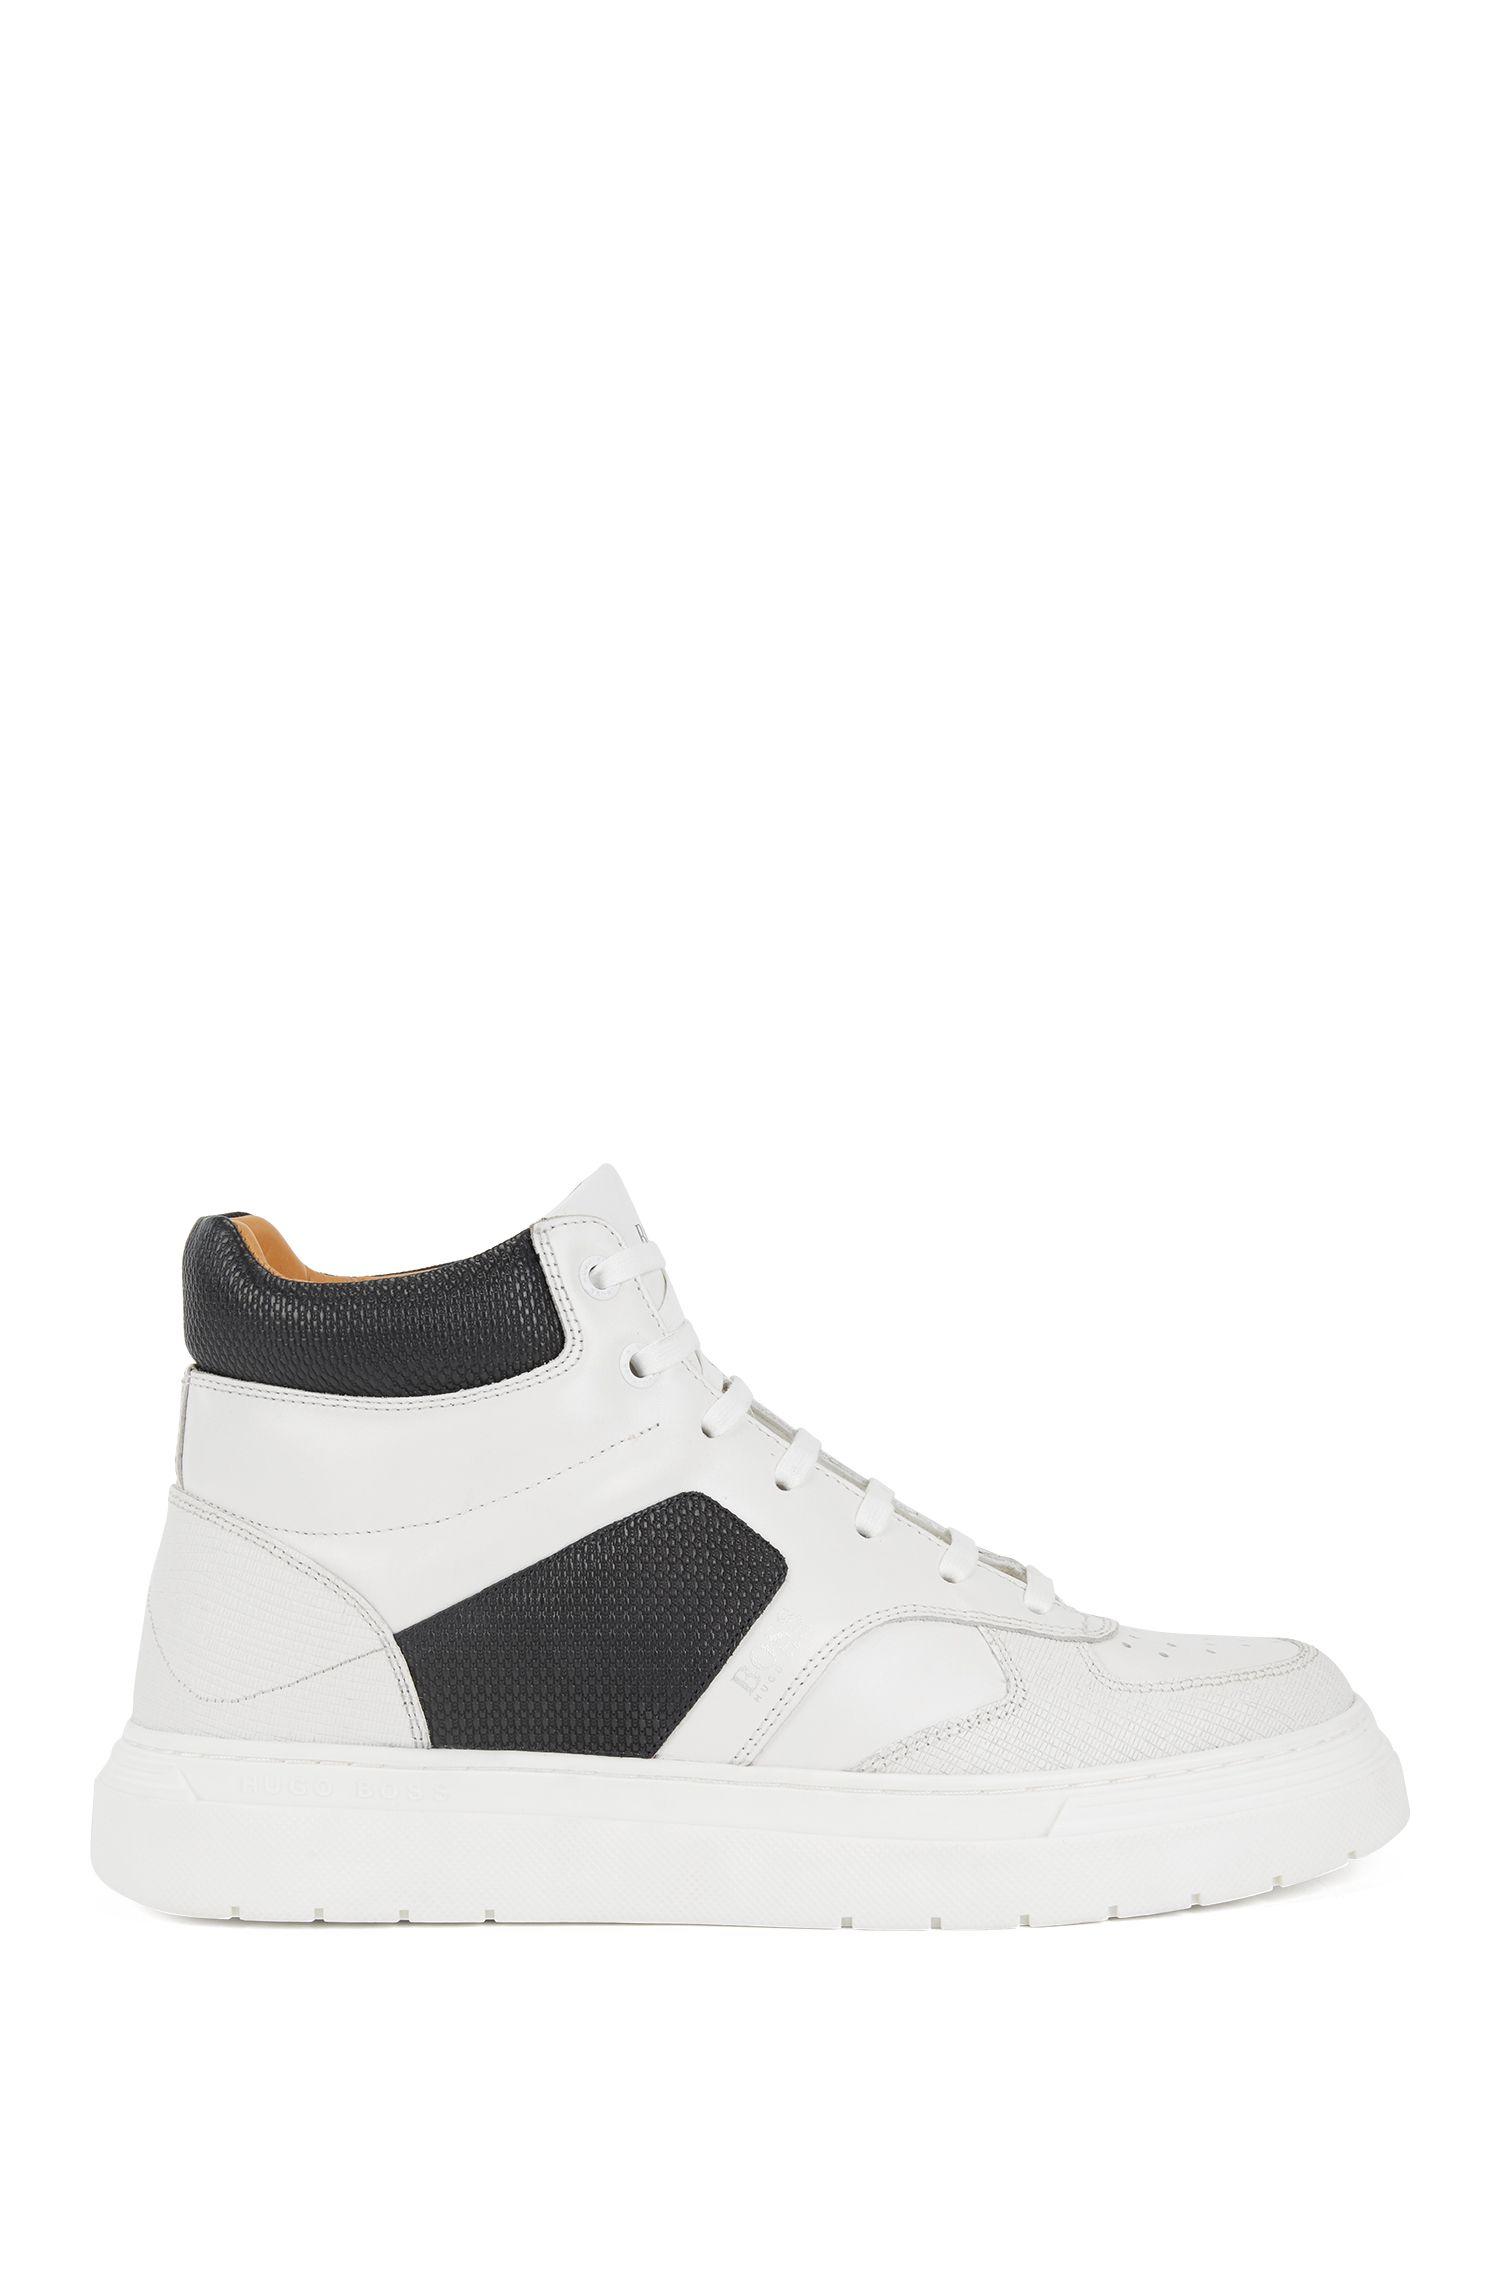 Sneakers high-top in pelle di vitello con sezioni goffrate, Bianco